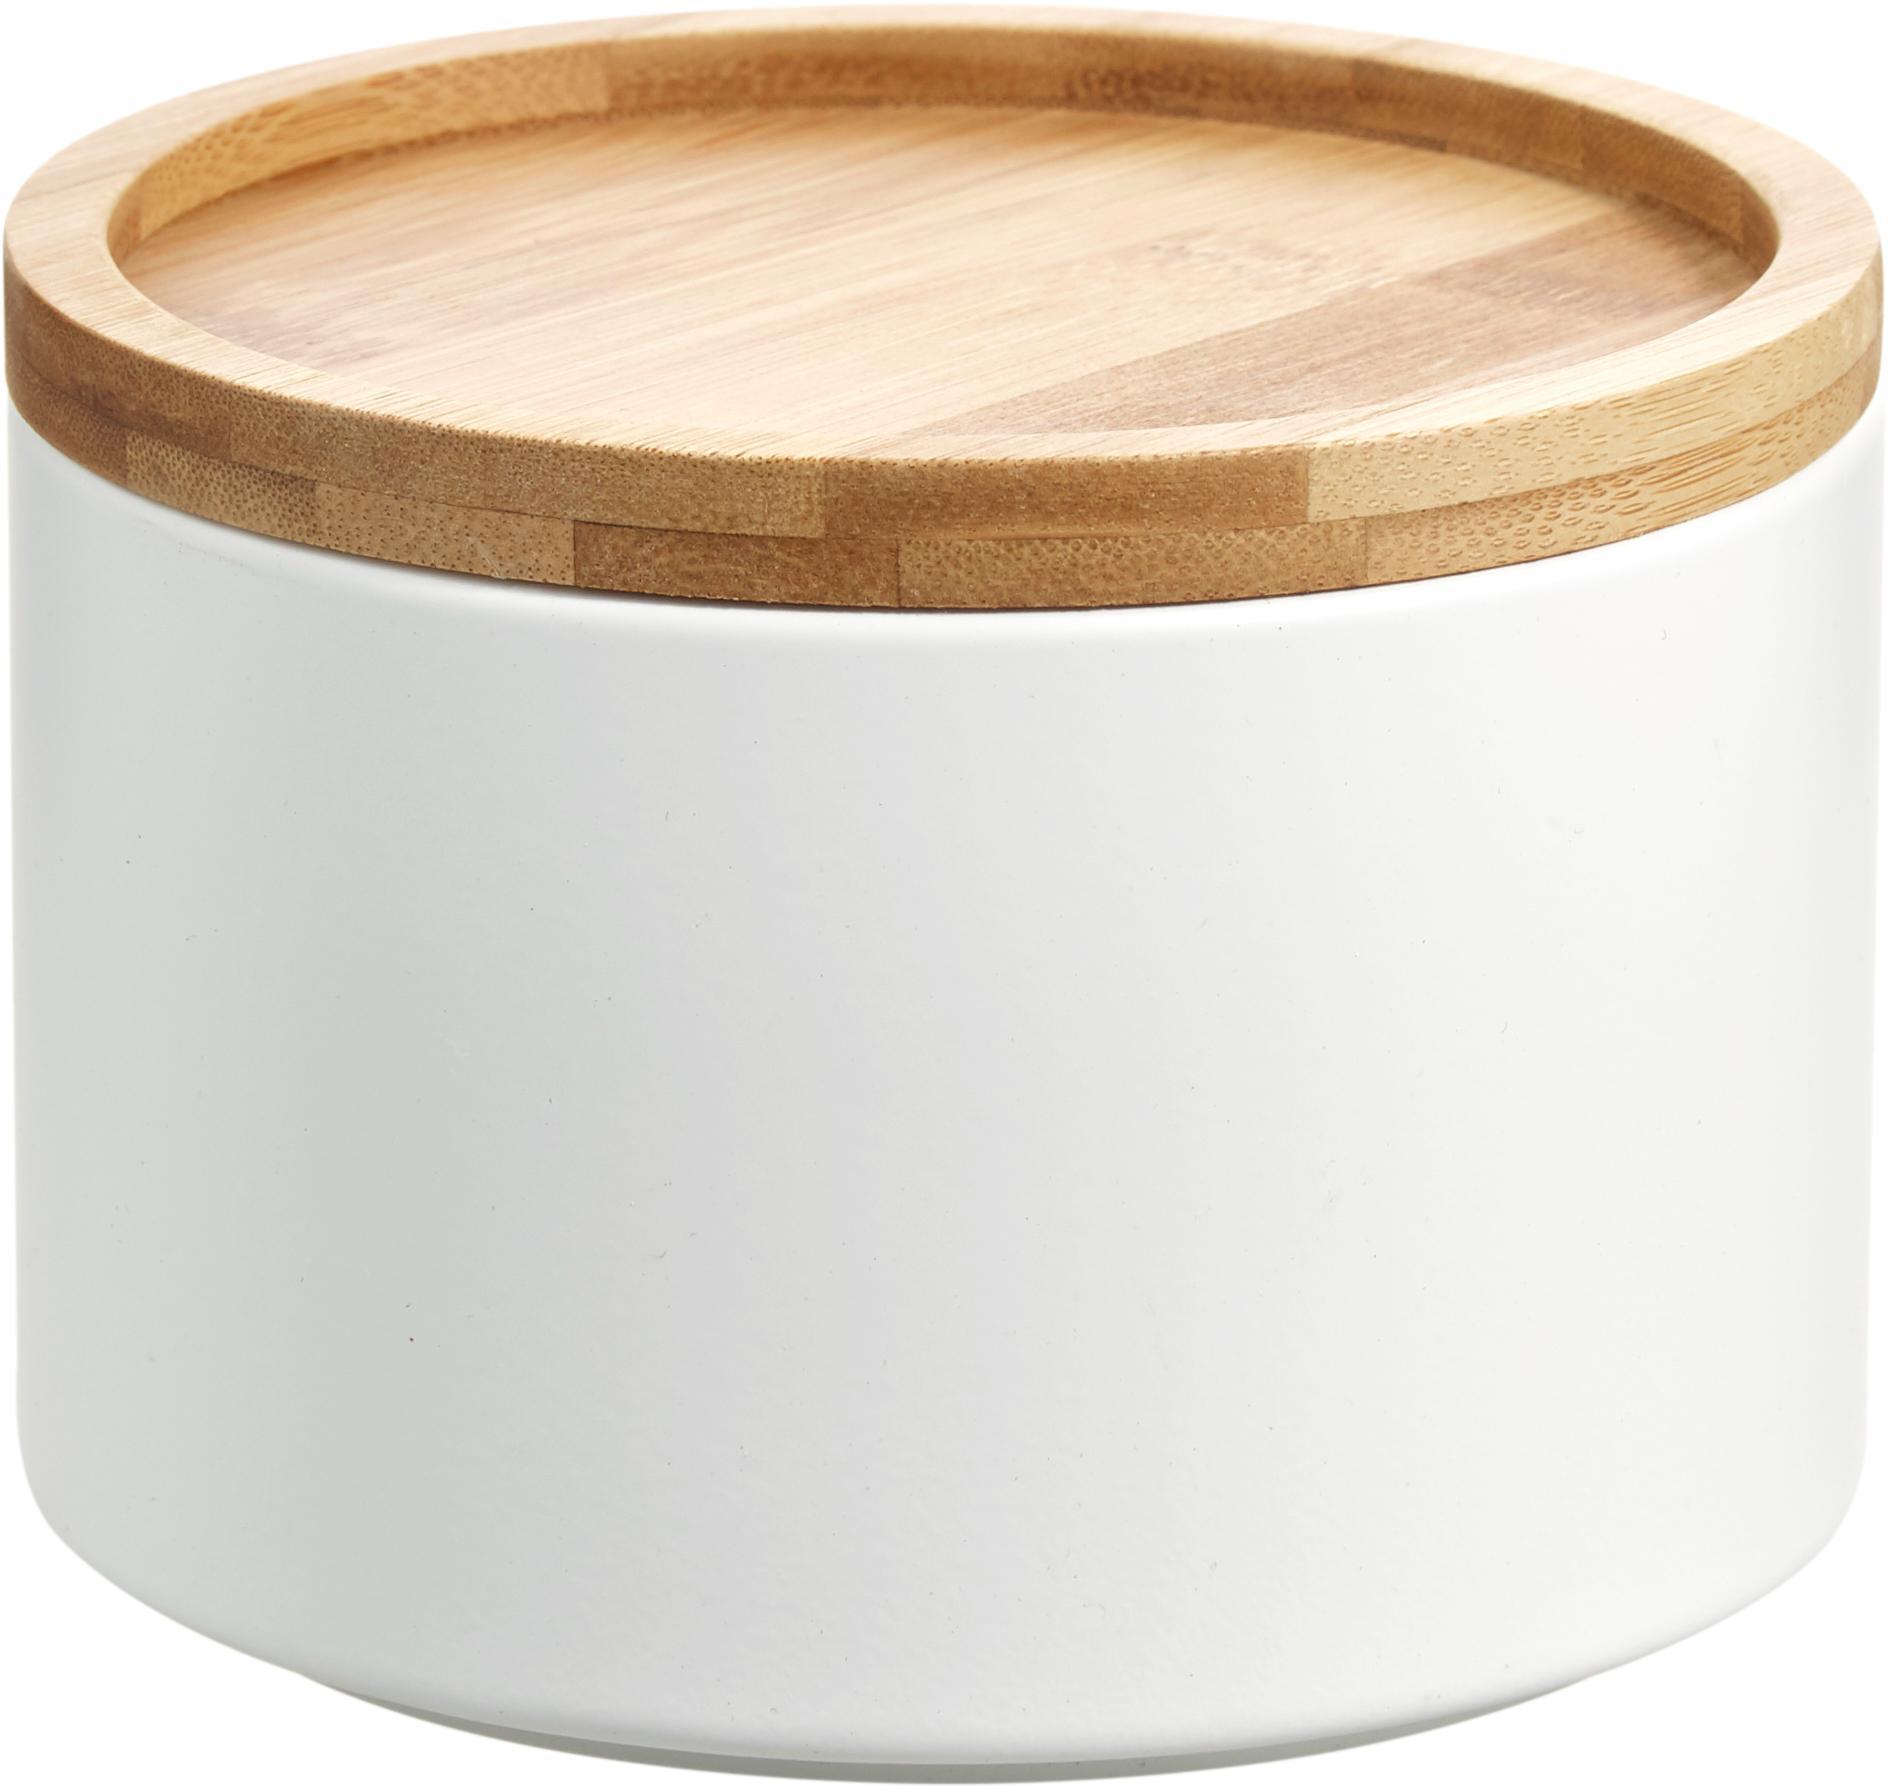 Contenitore impilabile in metallo Bambel, Contenitore: metallo, verniciato, Coperchio: bambù, Bianco, Ø 13 x Alt. 10 cm